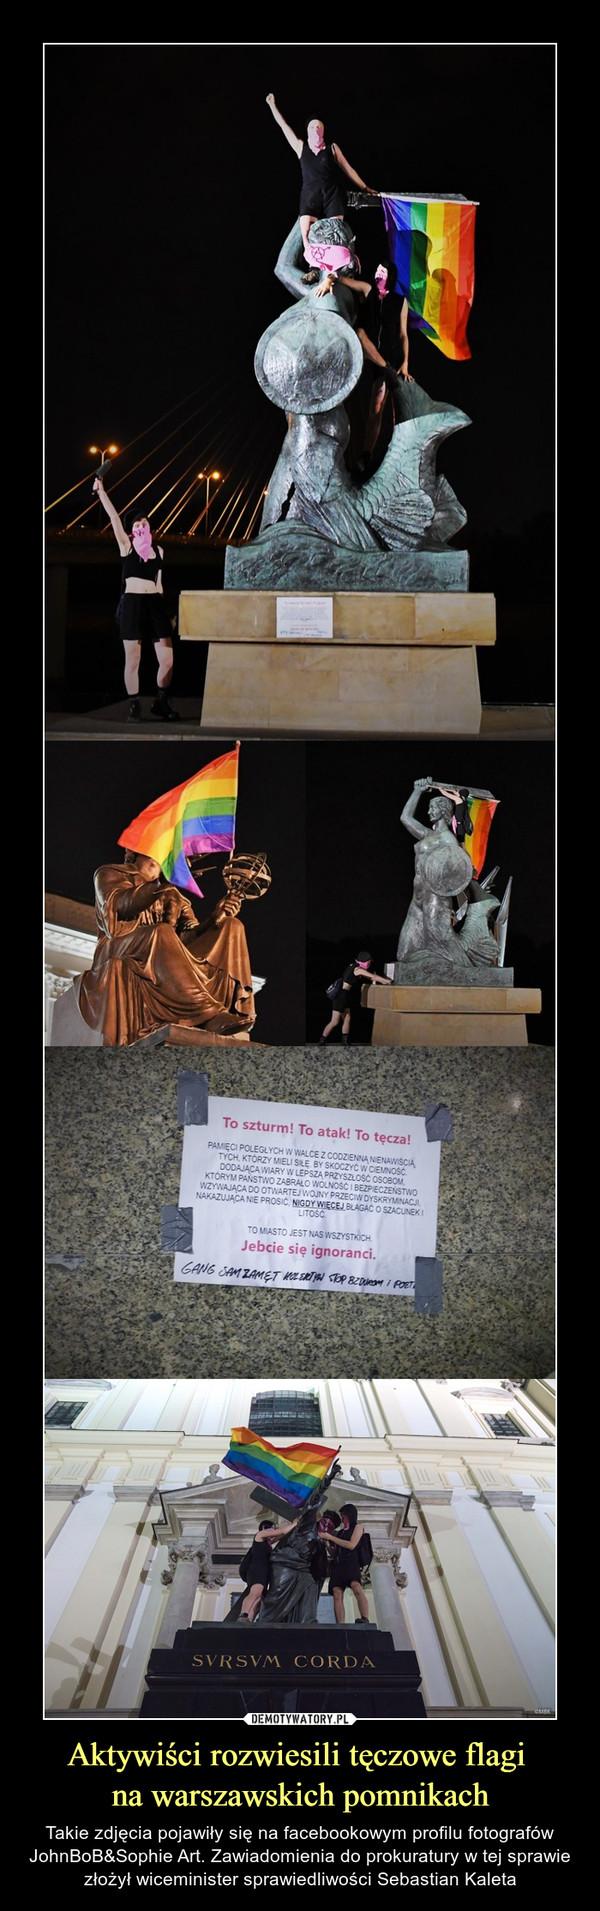 Aktywiści rozwiesili tęczowe flagi na warszawskich pomnikach – Takie zdjęcia pojawiły się na facebookowym profilu fotografów JohnBoB&Sophie Art. Zawiadomienia do prokuratury w tej sprawie złożył wiceminister sprawiedliwości Sebastian Kaleta To szturm! To atak! To tęcza! PAMIĘCI POLEGŁYCH W WALCE Z CODZIENNĄ NIENAWIŚCIĄ.